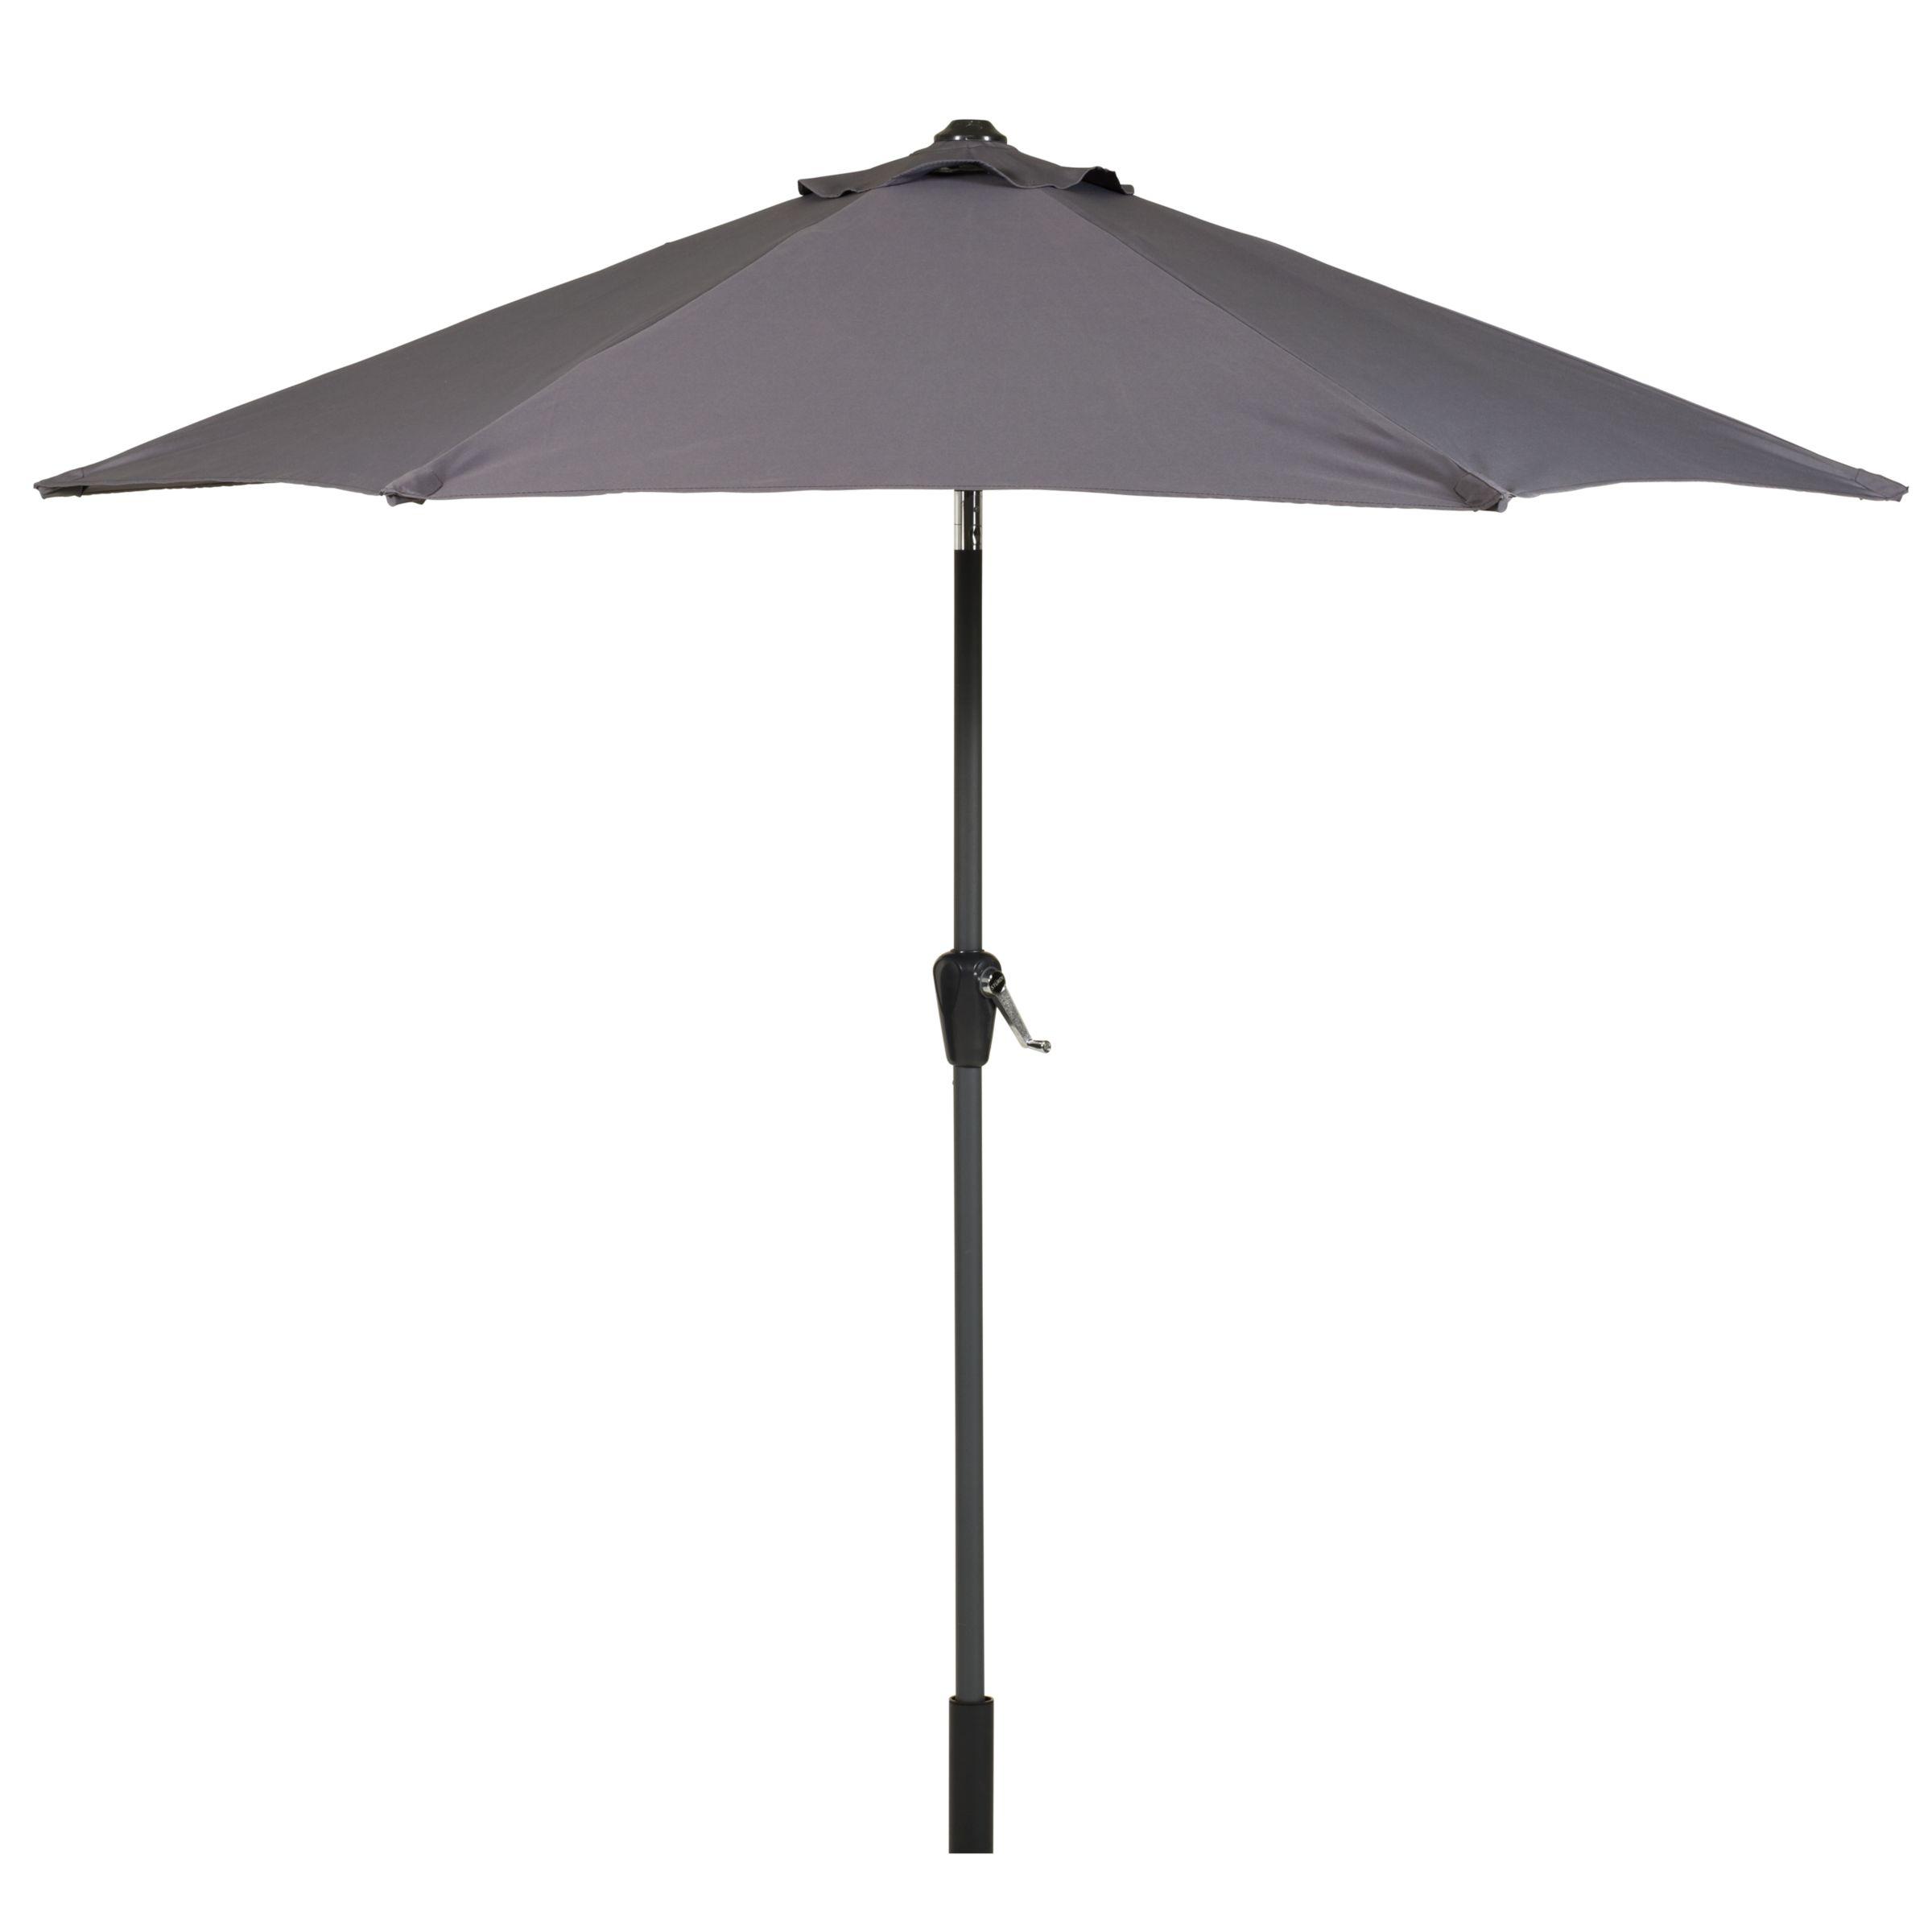 John Lewis Graphite 2.5m Parasol, Grey